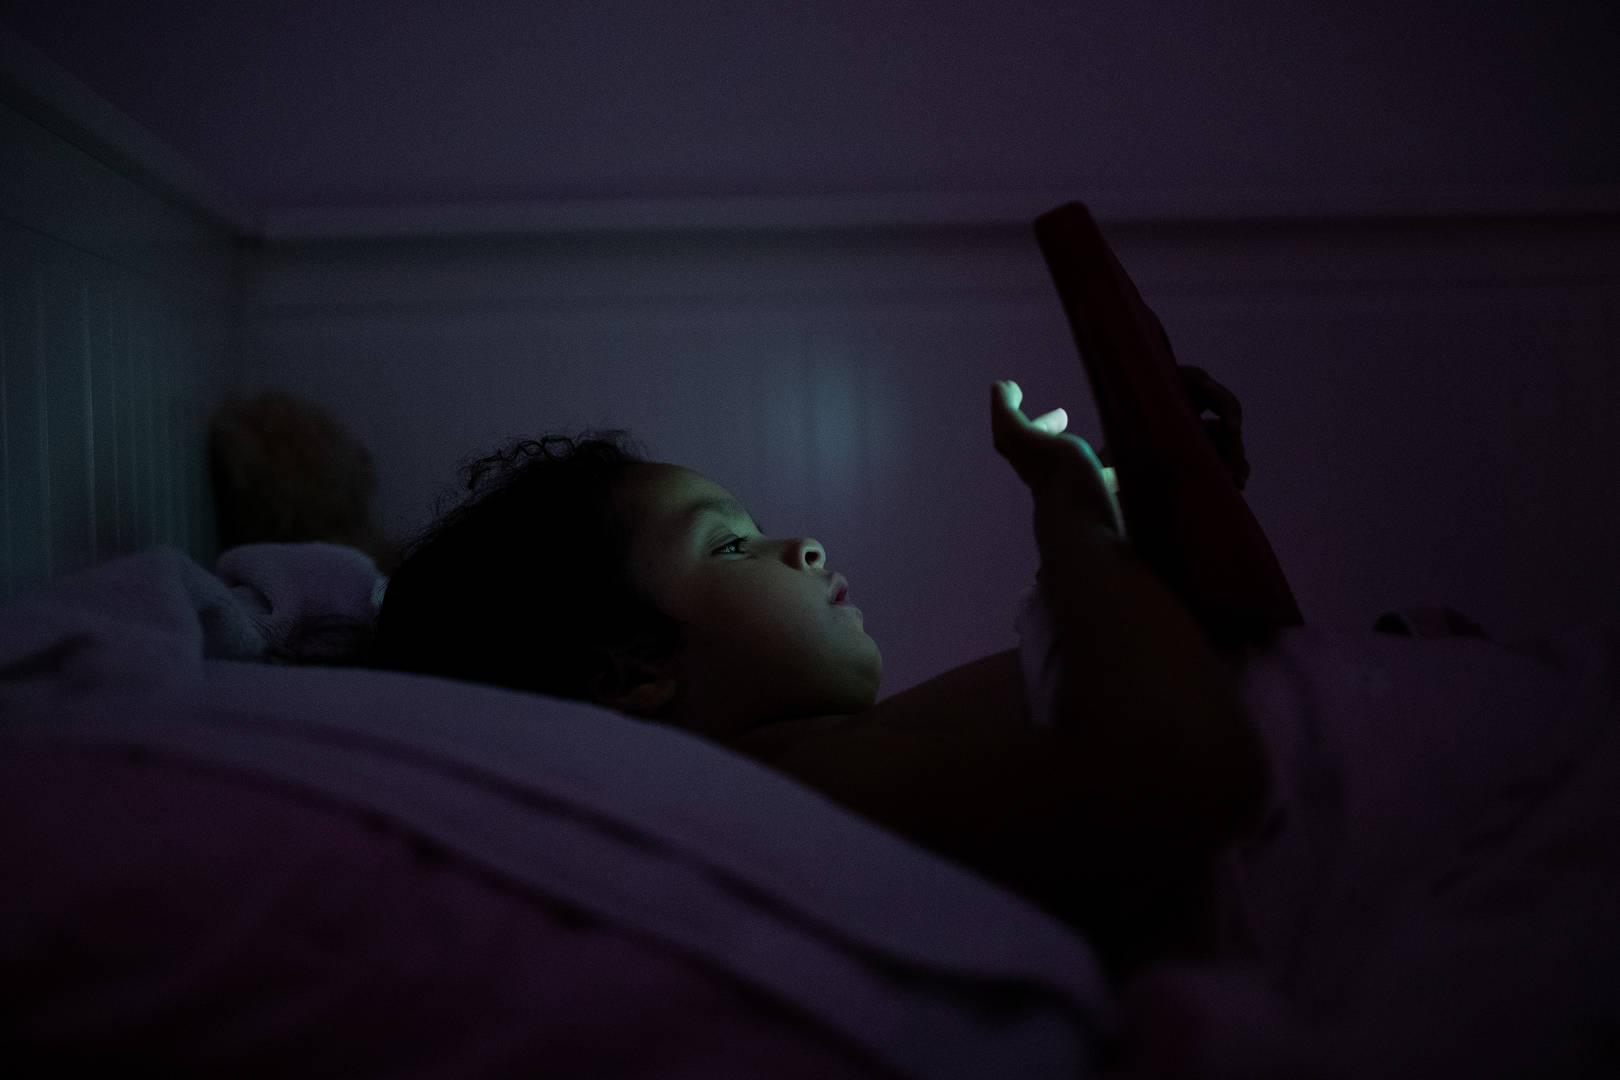 Un Enfant De Six Ans Depense 16000 Sur La Carte De Credit De Sa Mere Pour Un Jeu Mobile